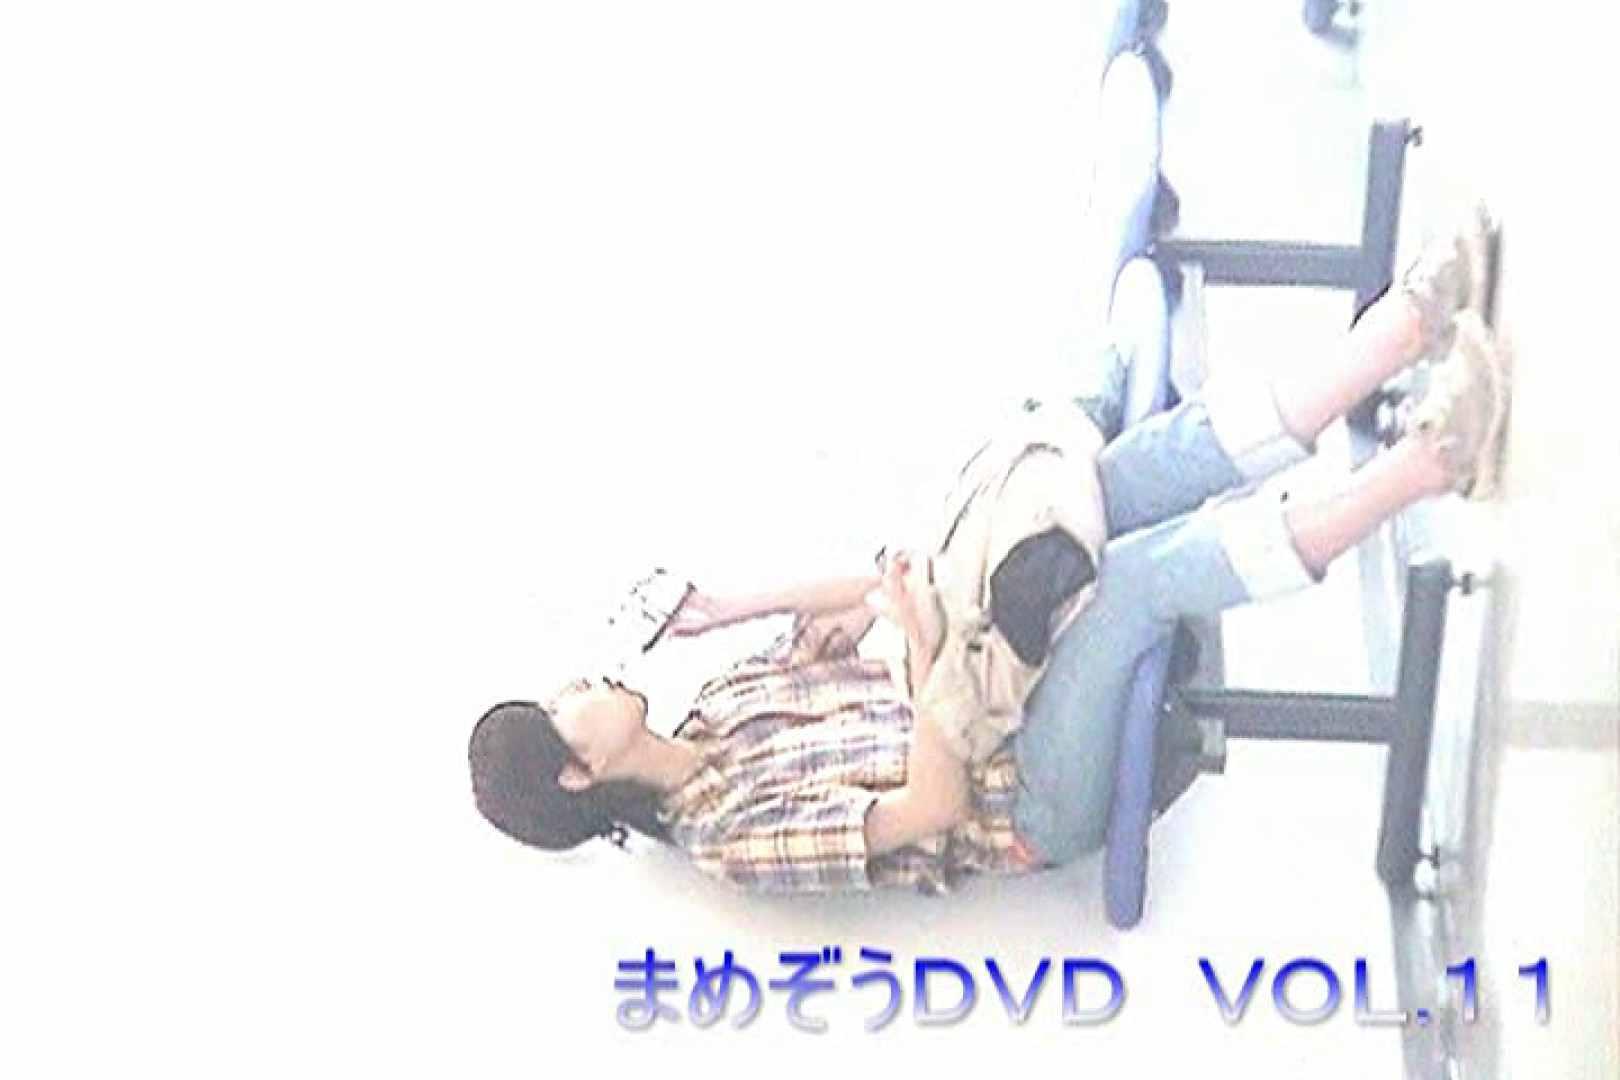 まめぞうDVD完全版VOL.11 ギャル達 | 洗面所のぞき  111枚 23